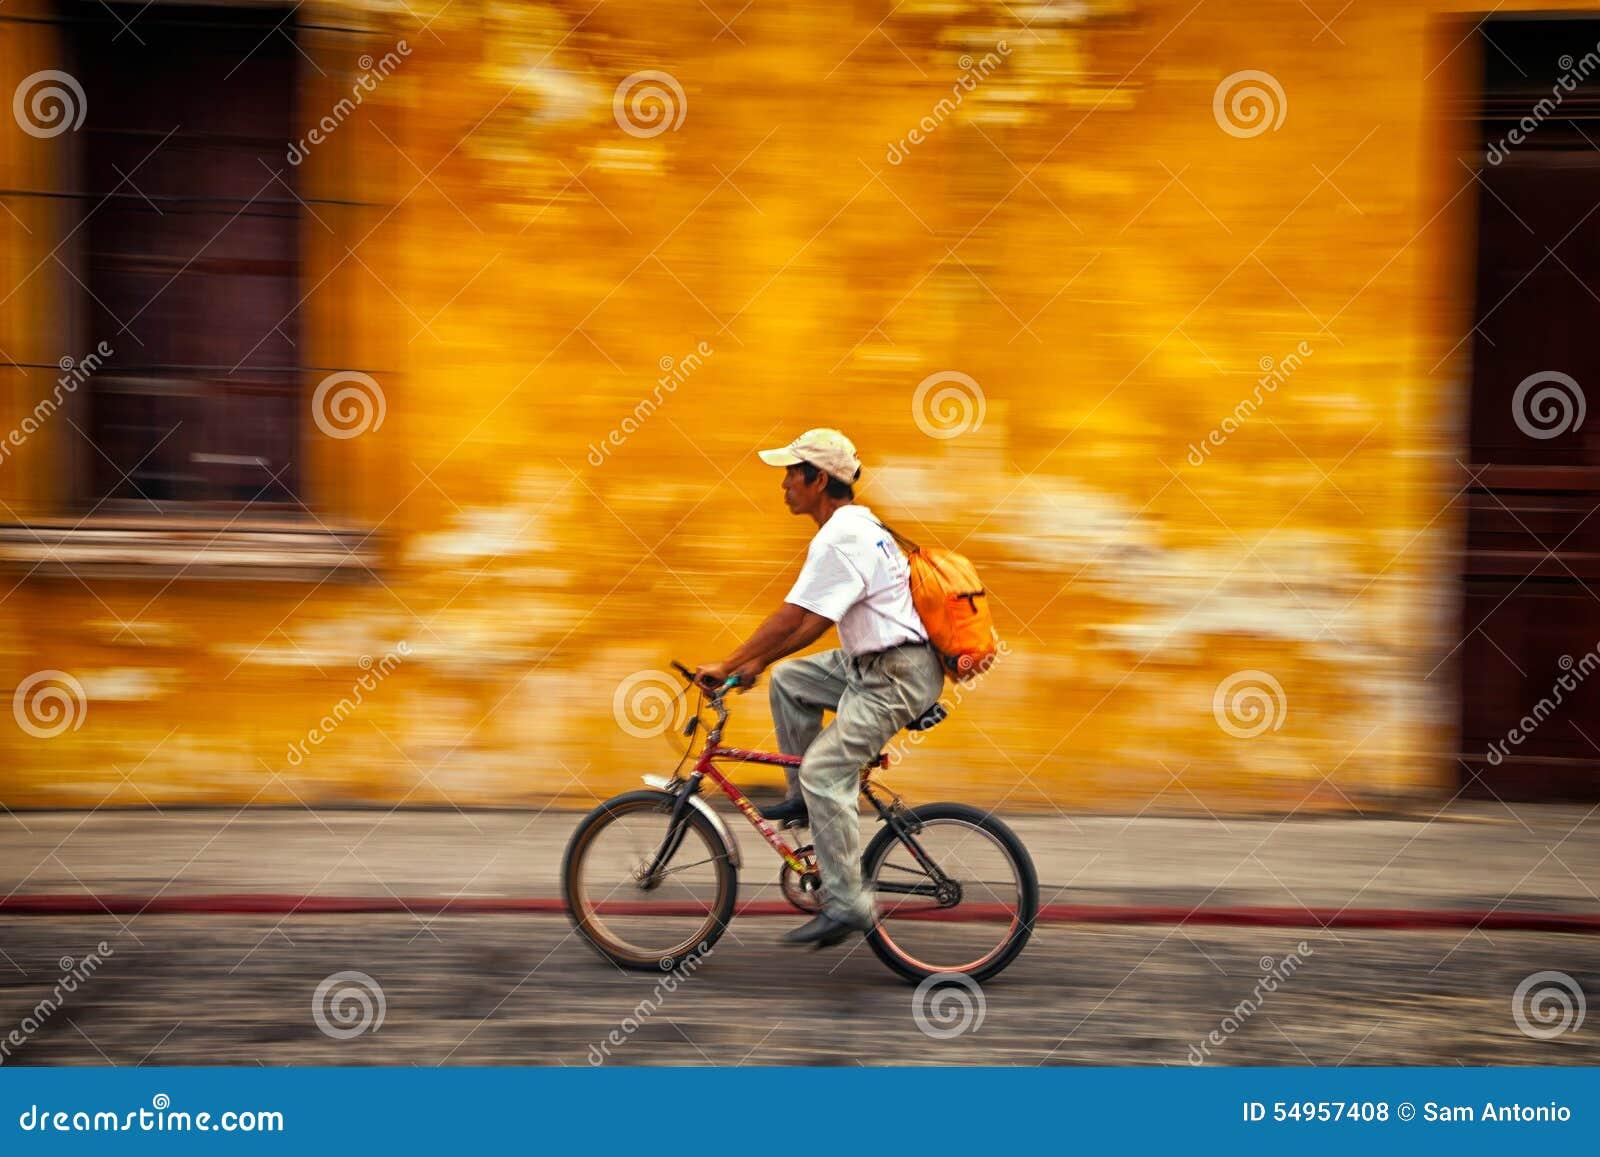 Equipe a montada de uma bicicleta com um fundo colorido obscuro